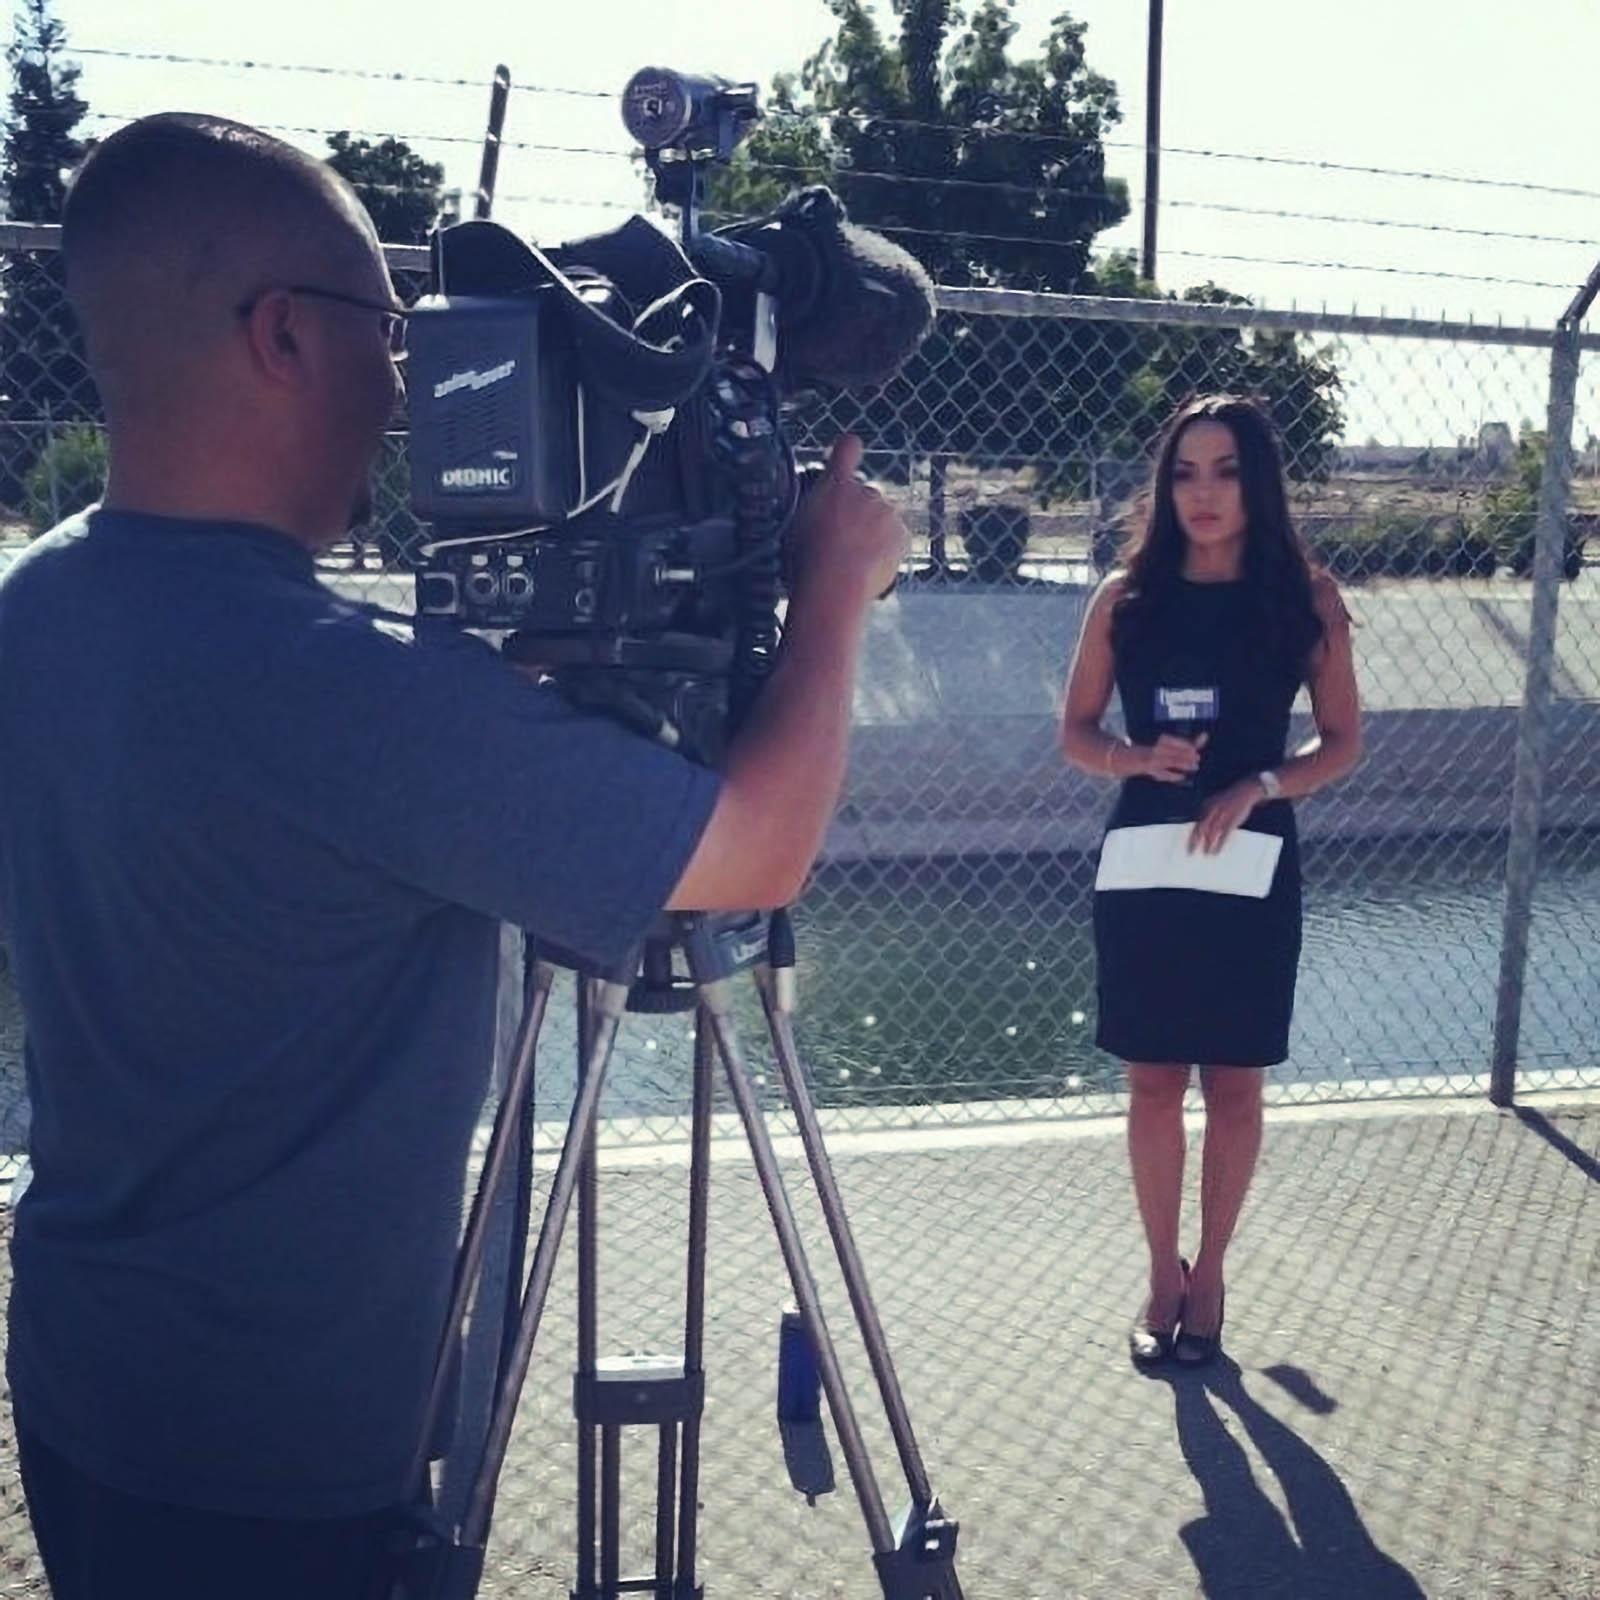 Kyndell Kim reporting for KBAK TV